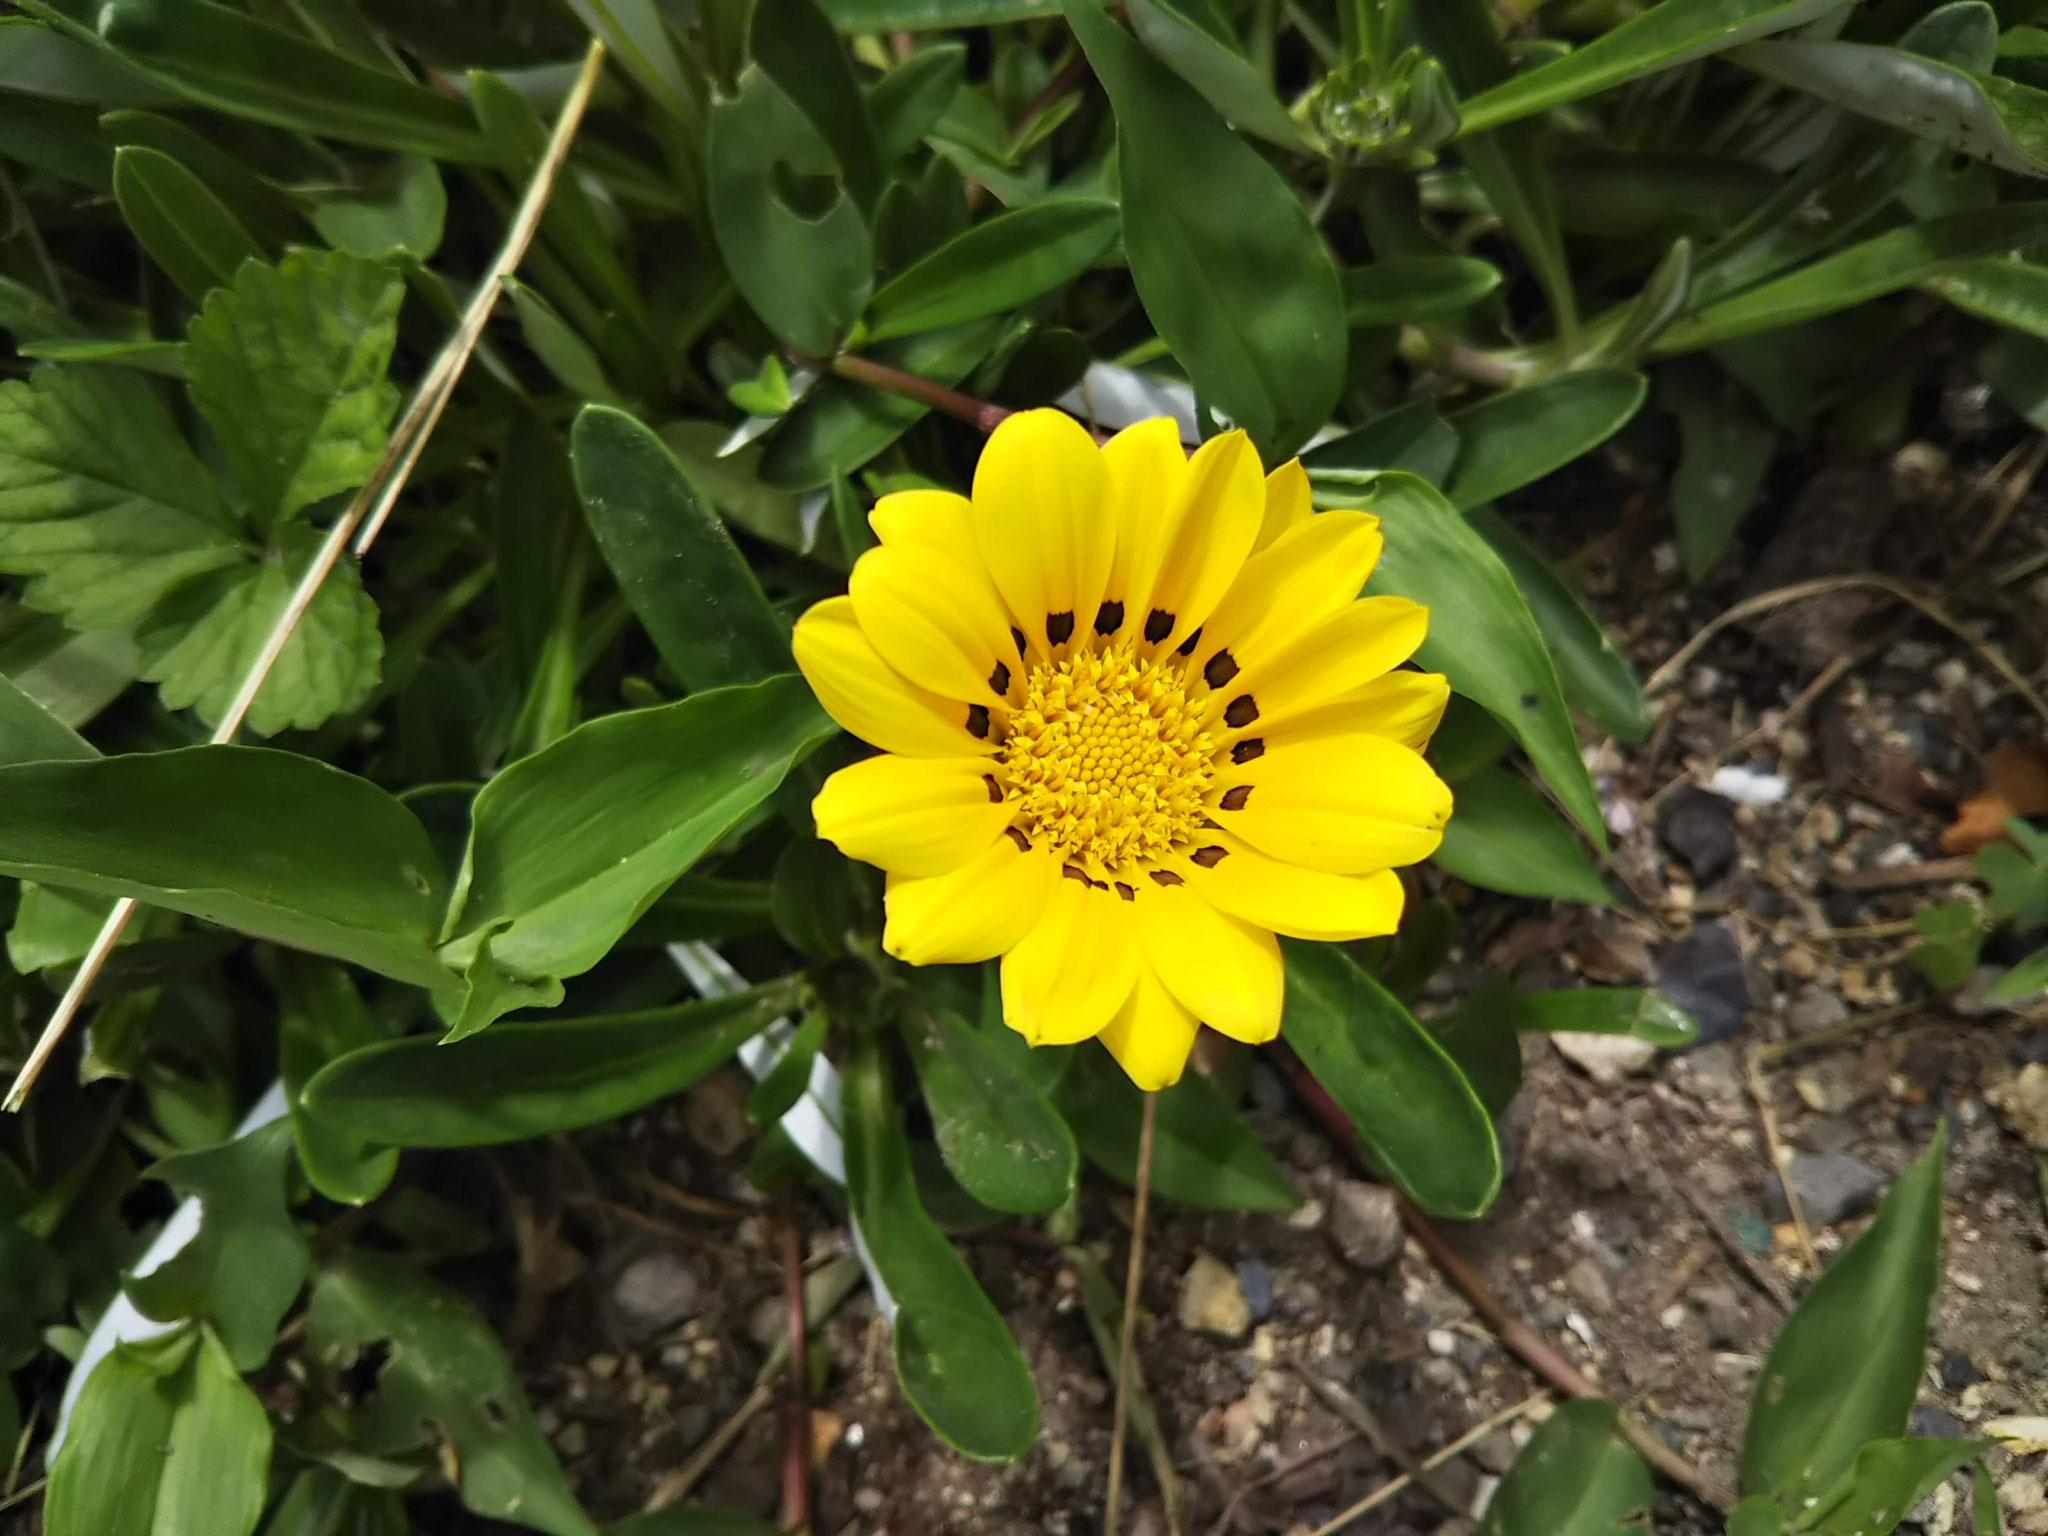 何の花でしょう?